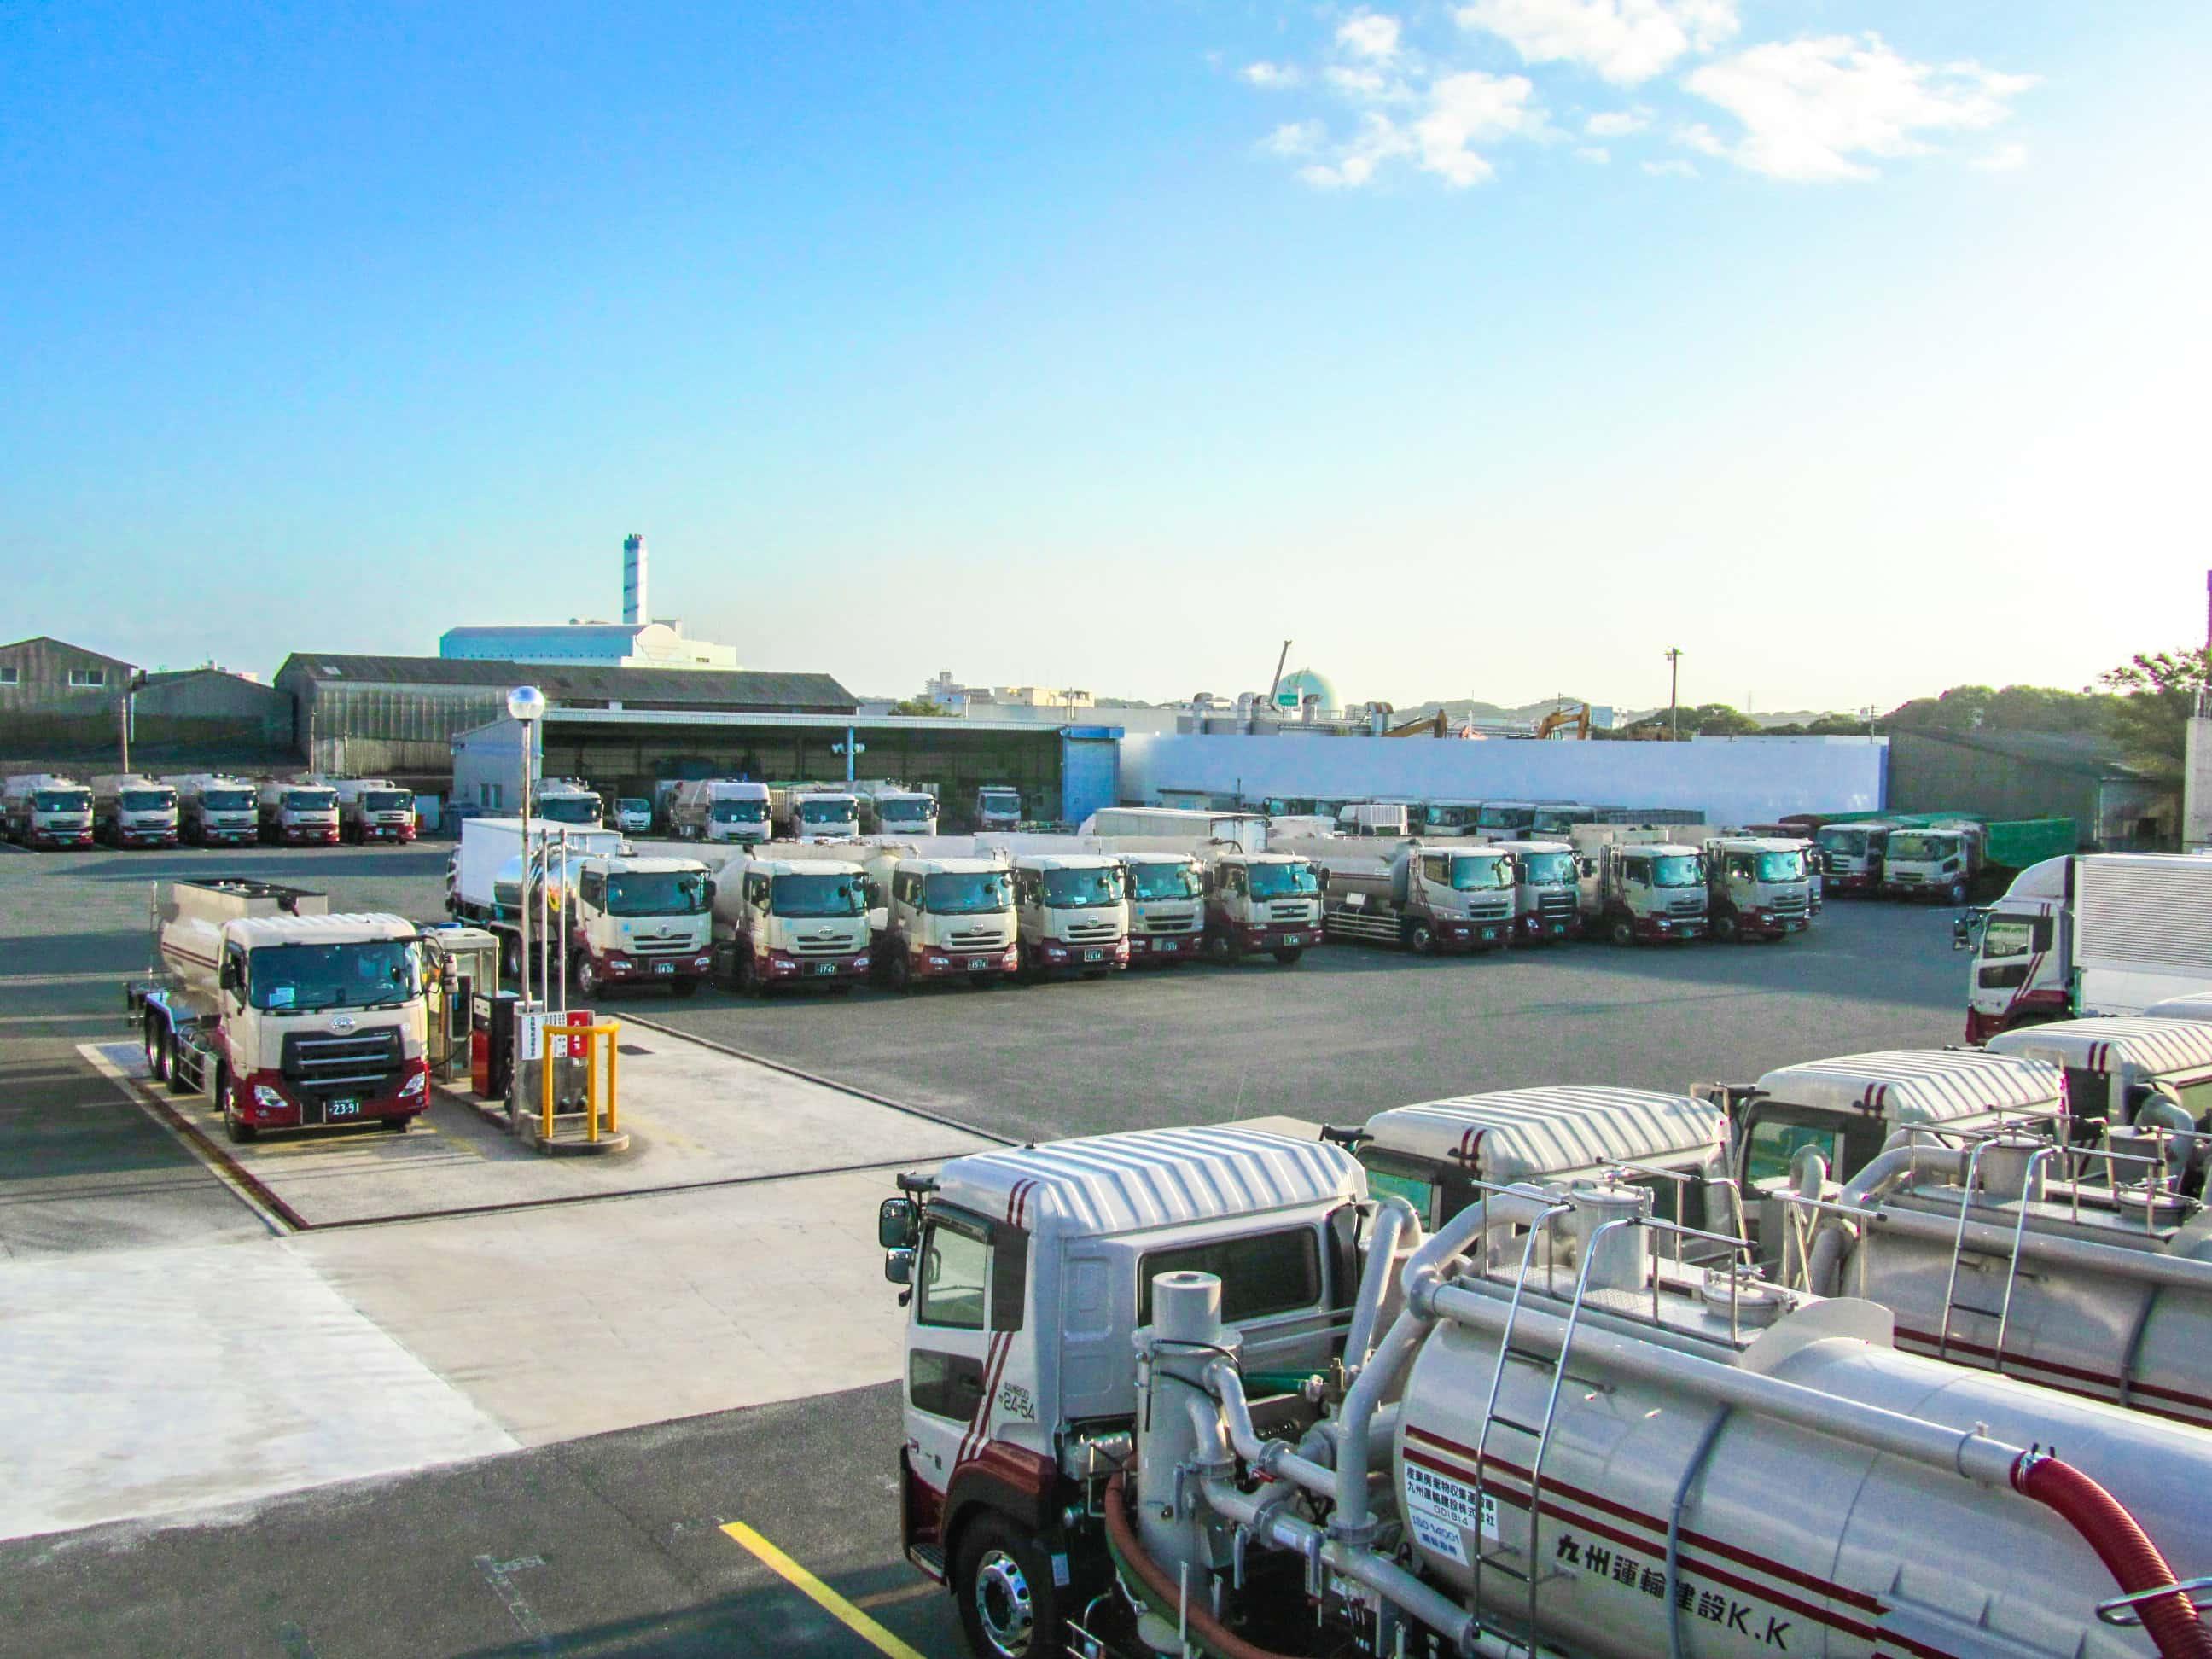 産業廃棄物収集運搬事業で大規模な積替保管施設を用意してお客様のニーズに応える。九州運輸建設株式会社|北九州市